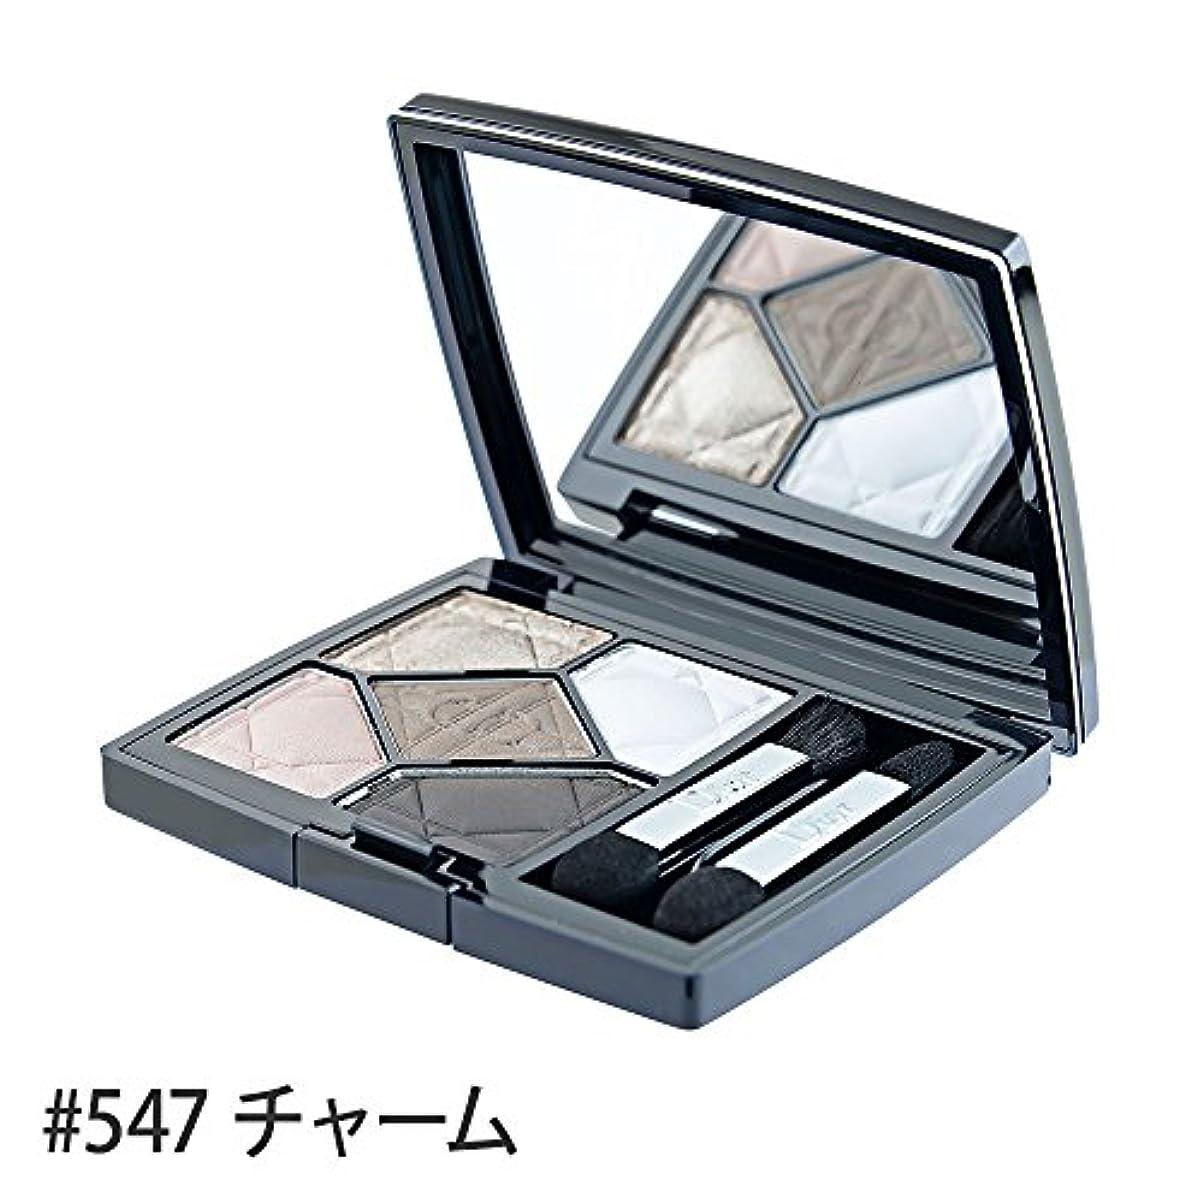 頑丈ずっとホップディオール(Dior) サンク クルール #547(チャーム) 6g [並行輸入品]